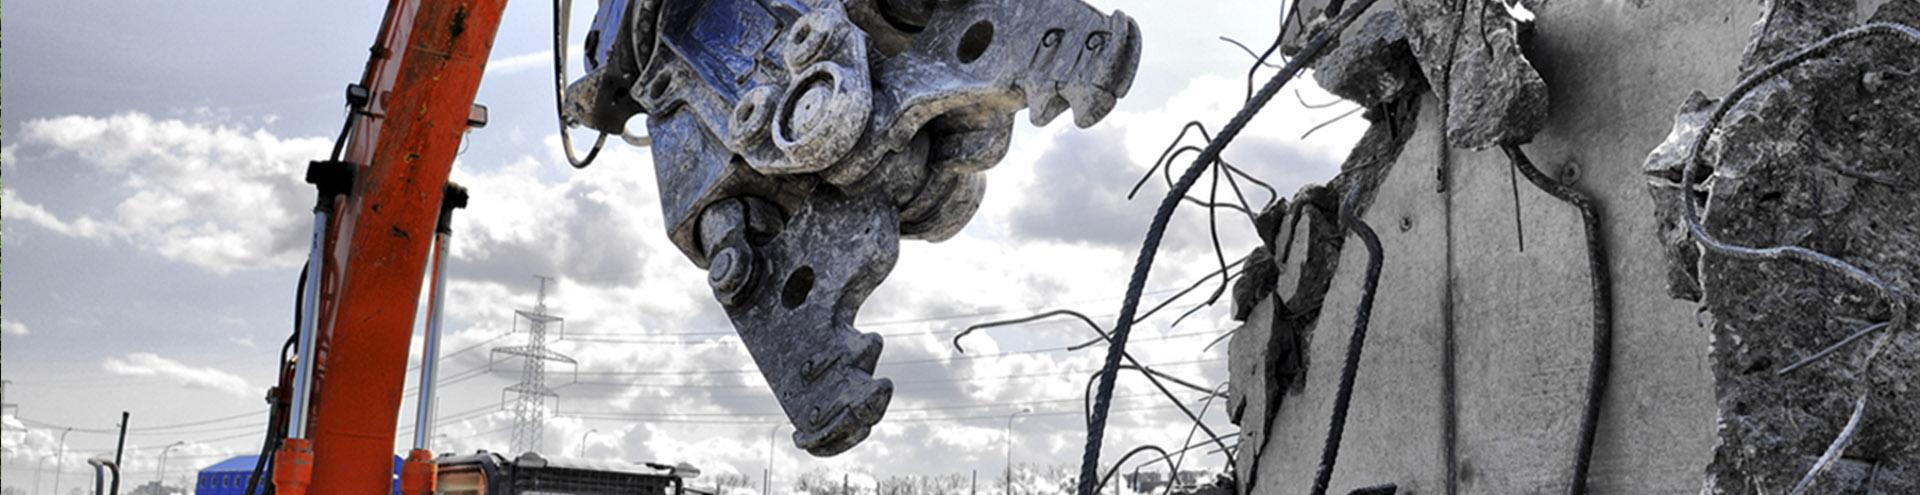 право на самовольную постройку в Ярославле